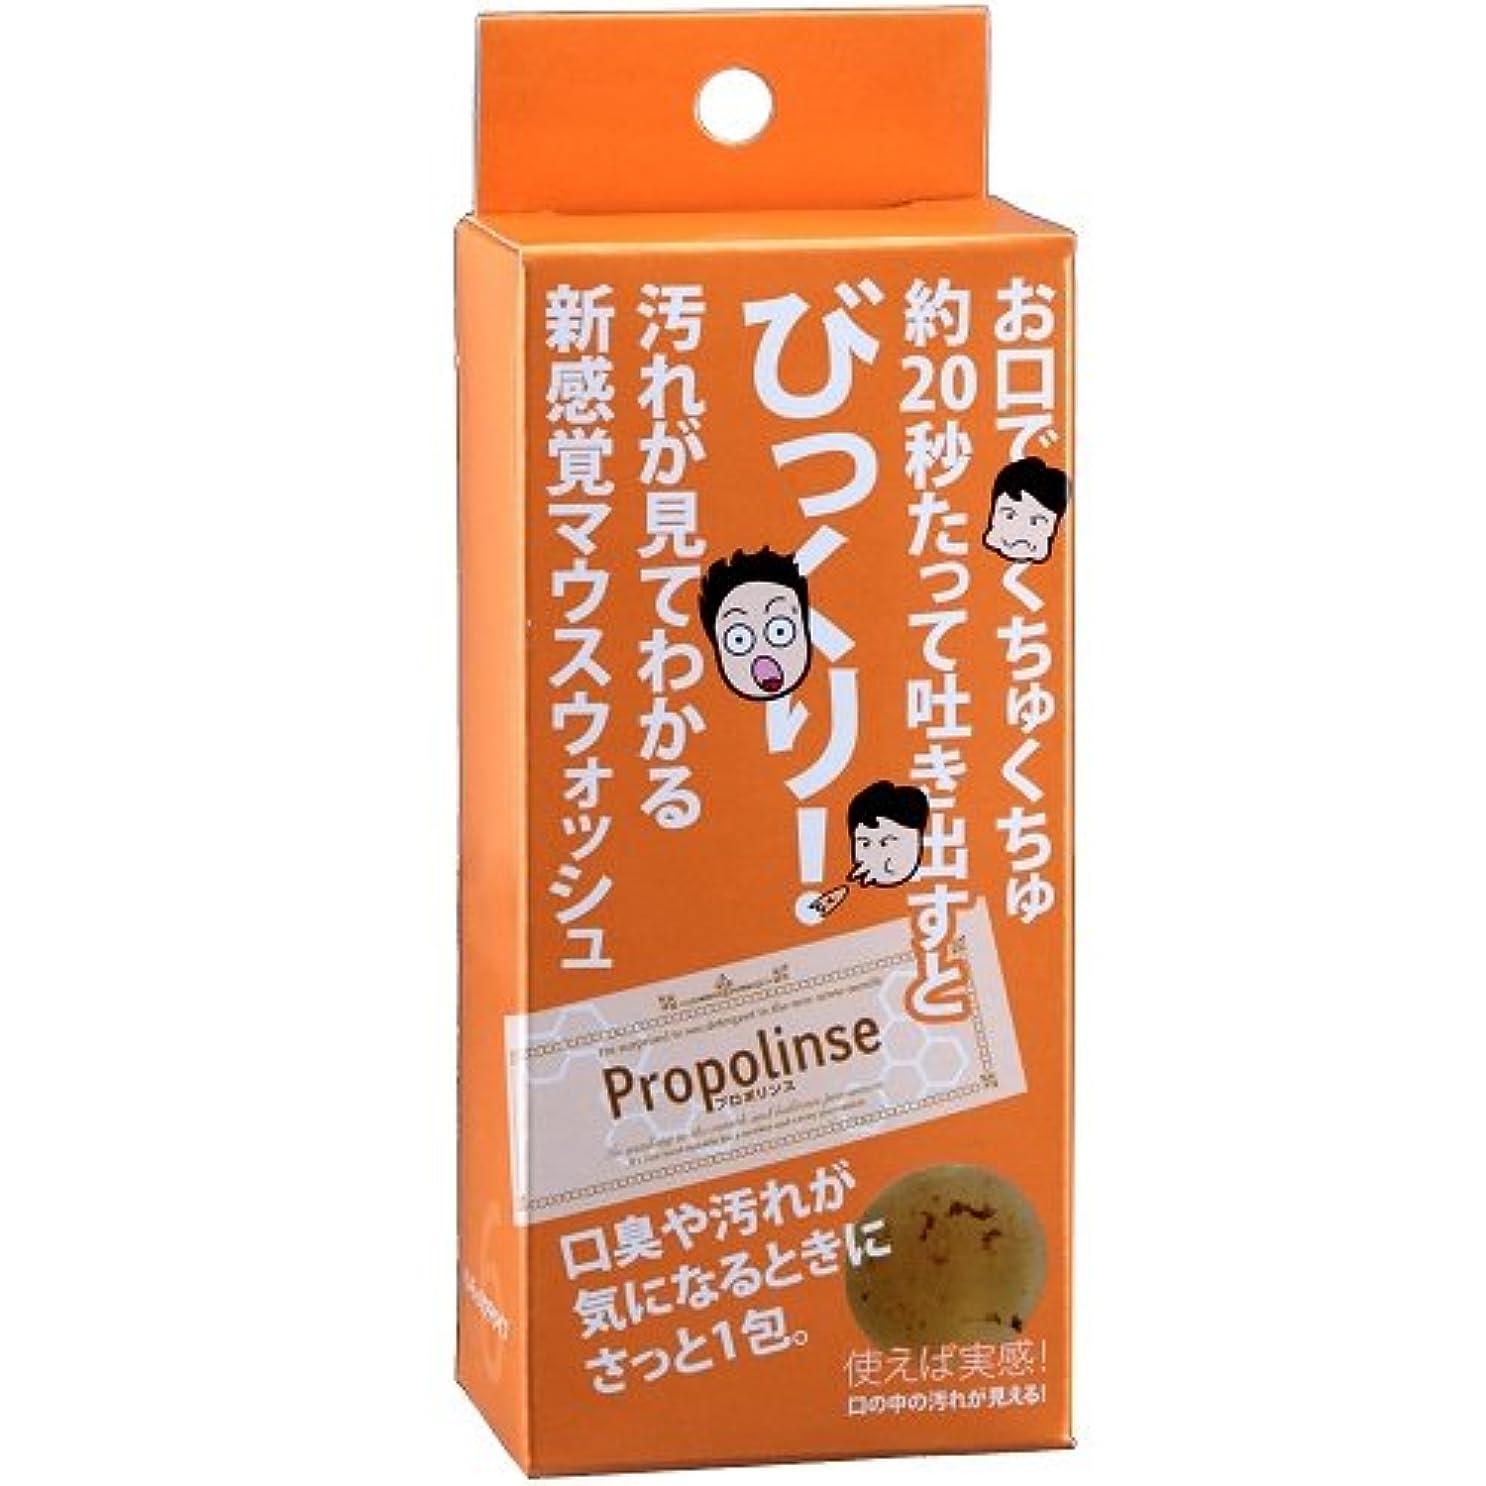 育成湿気の多い箱プロポリンス ハンディーパウチ(6包) 10個セット